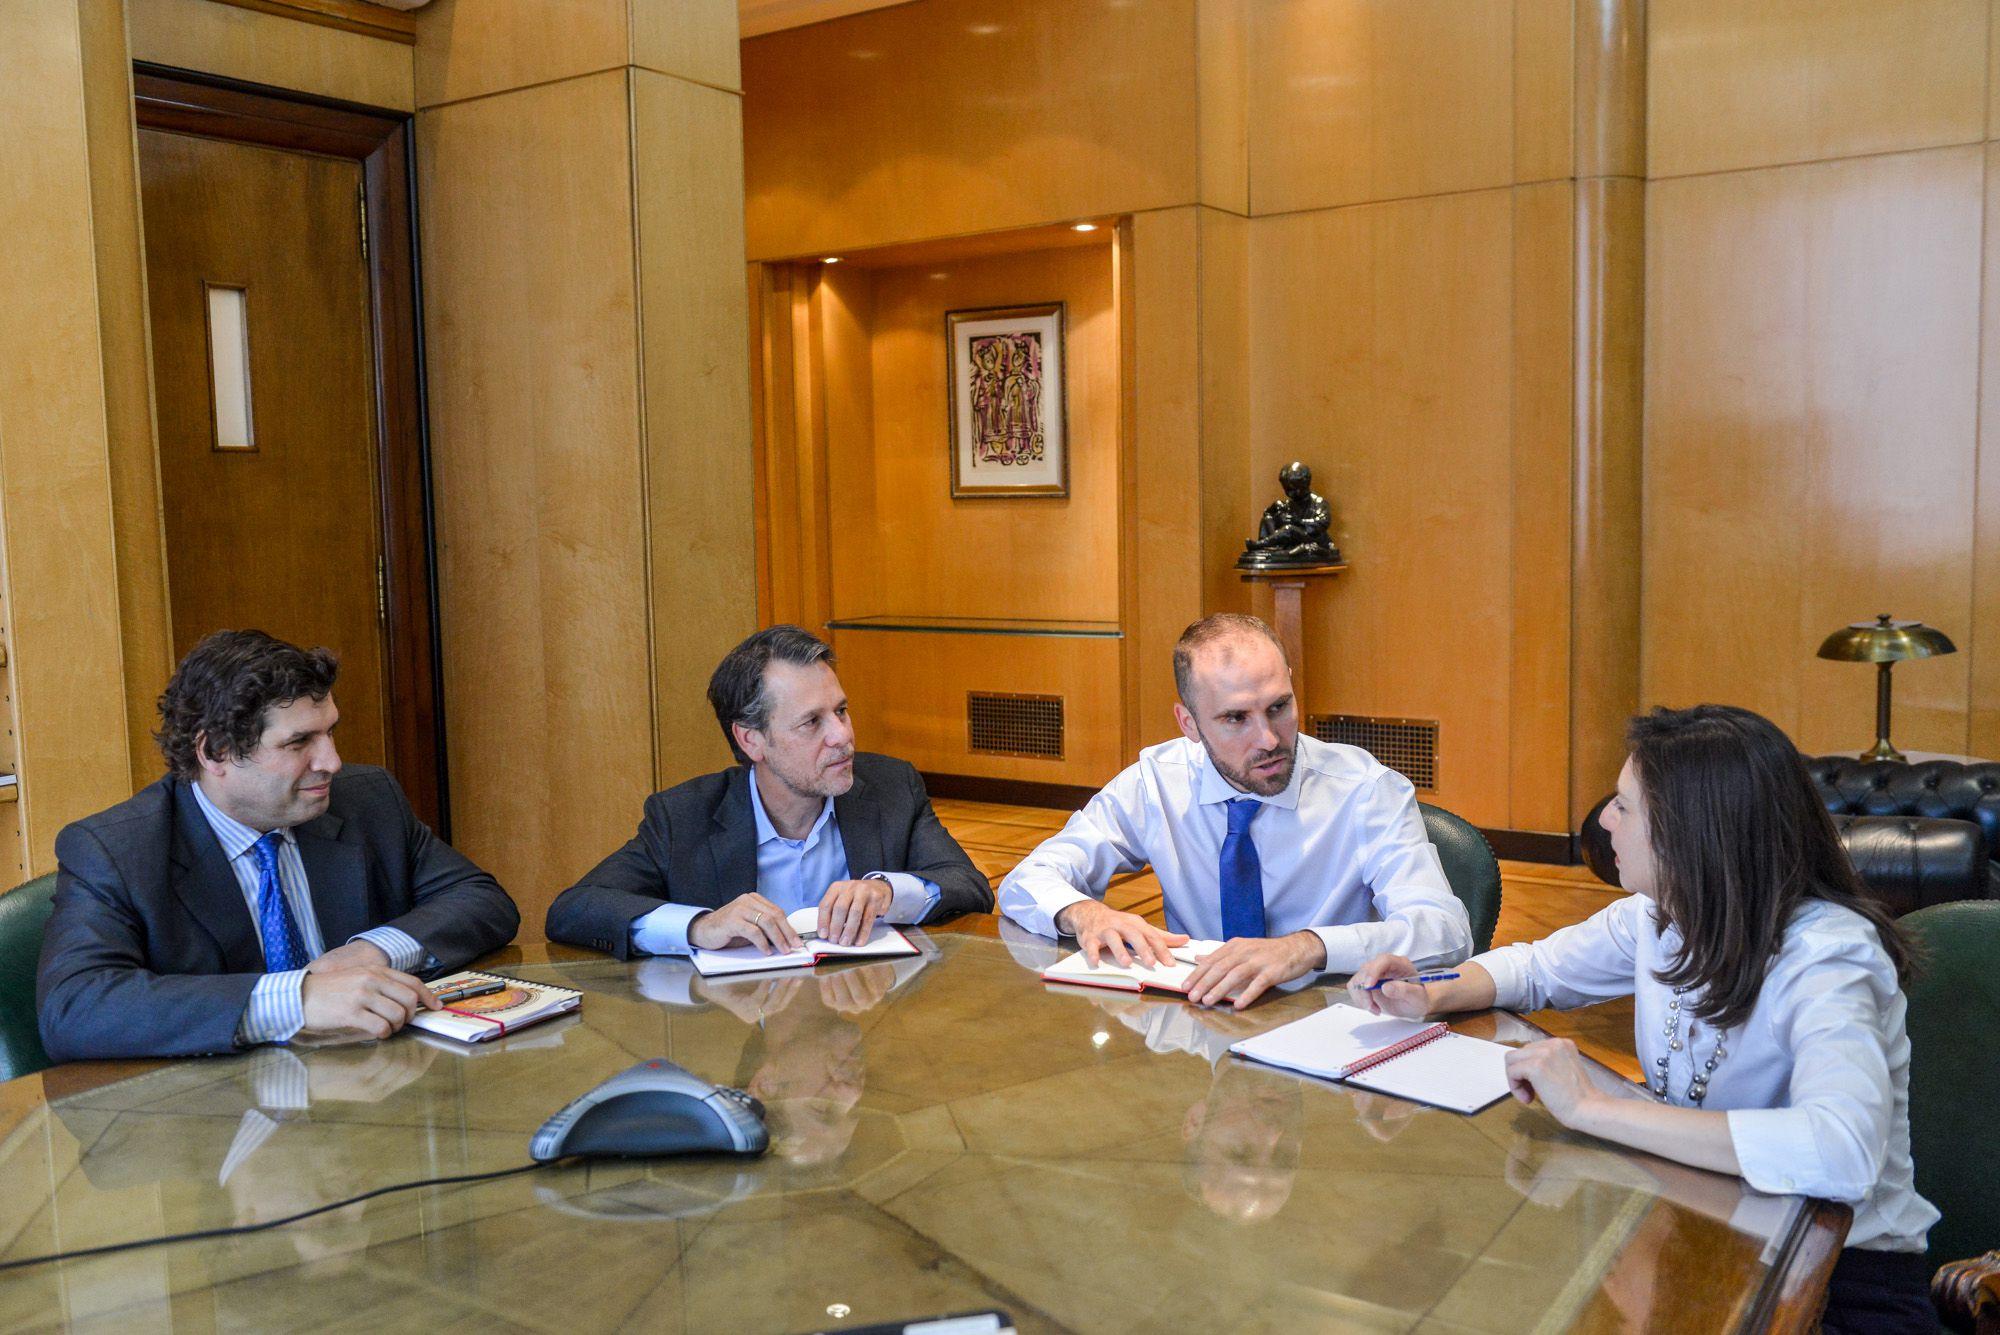 Martín Guzmán y los negociadores del FMI en Buenos Aires: reunión en el Palacio de Hacienda